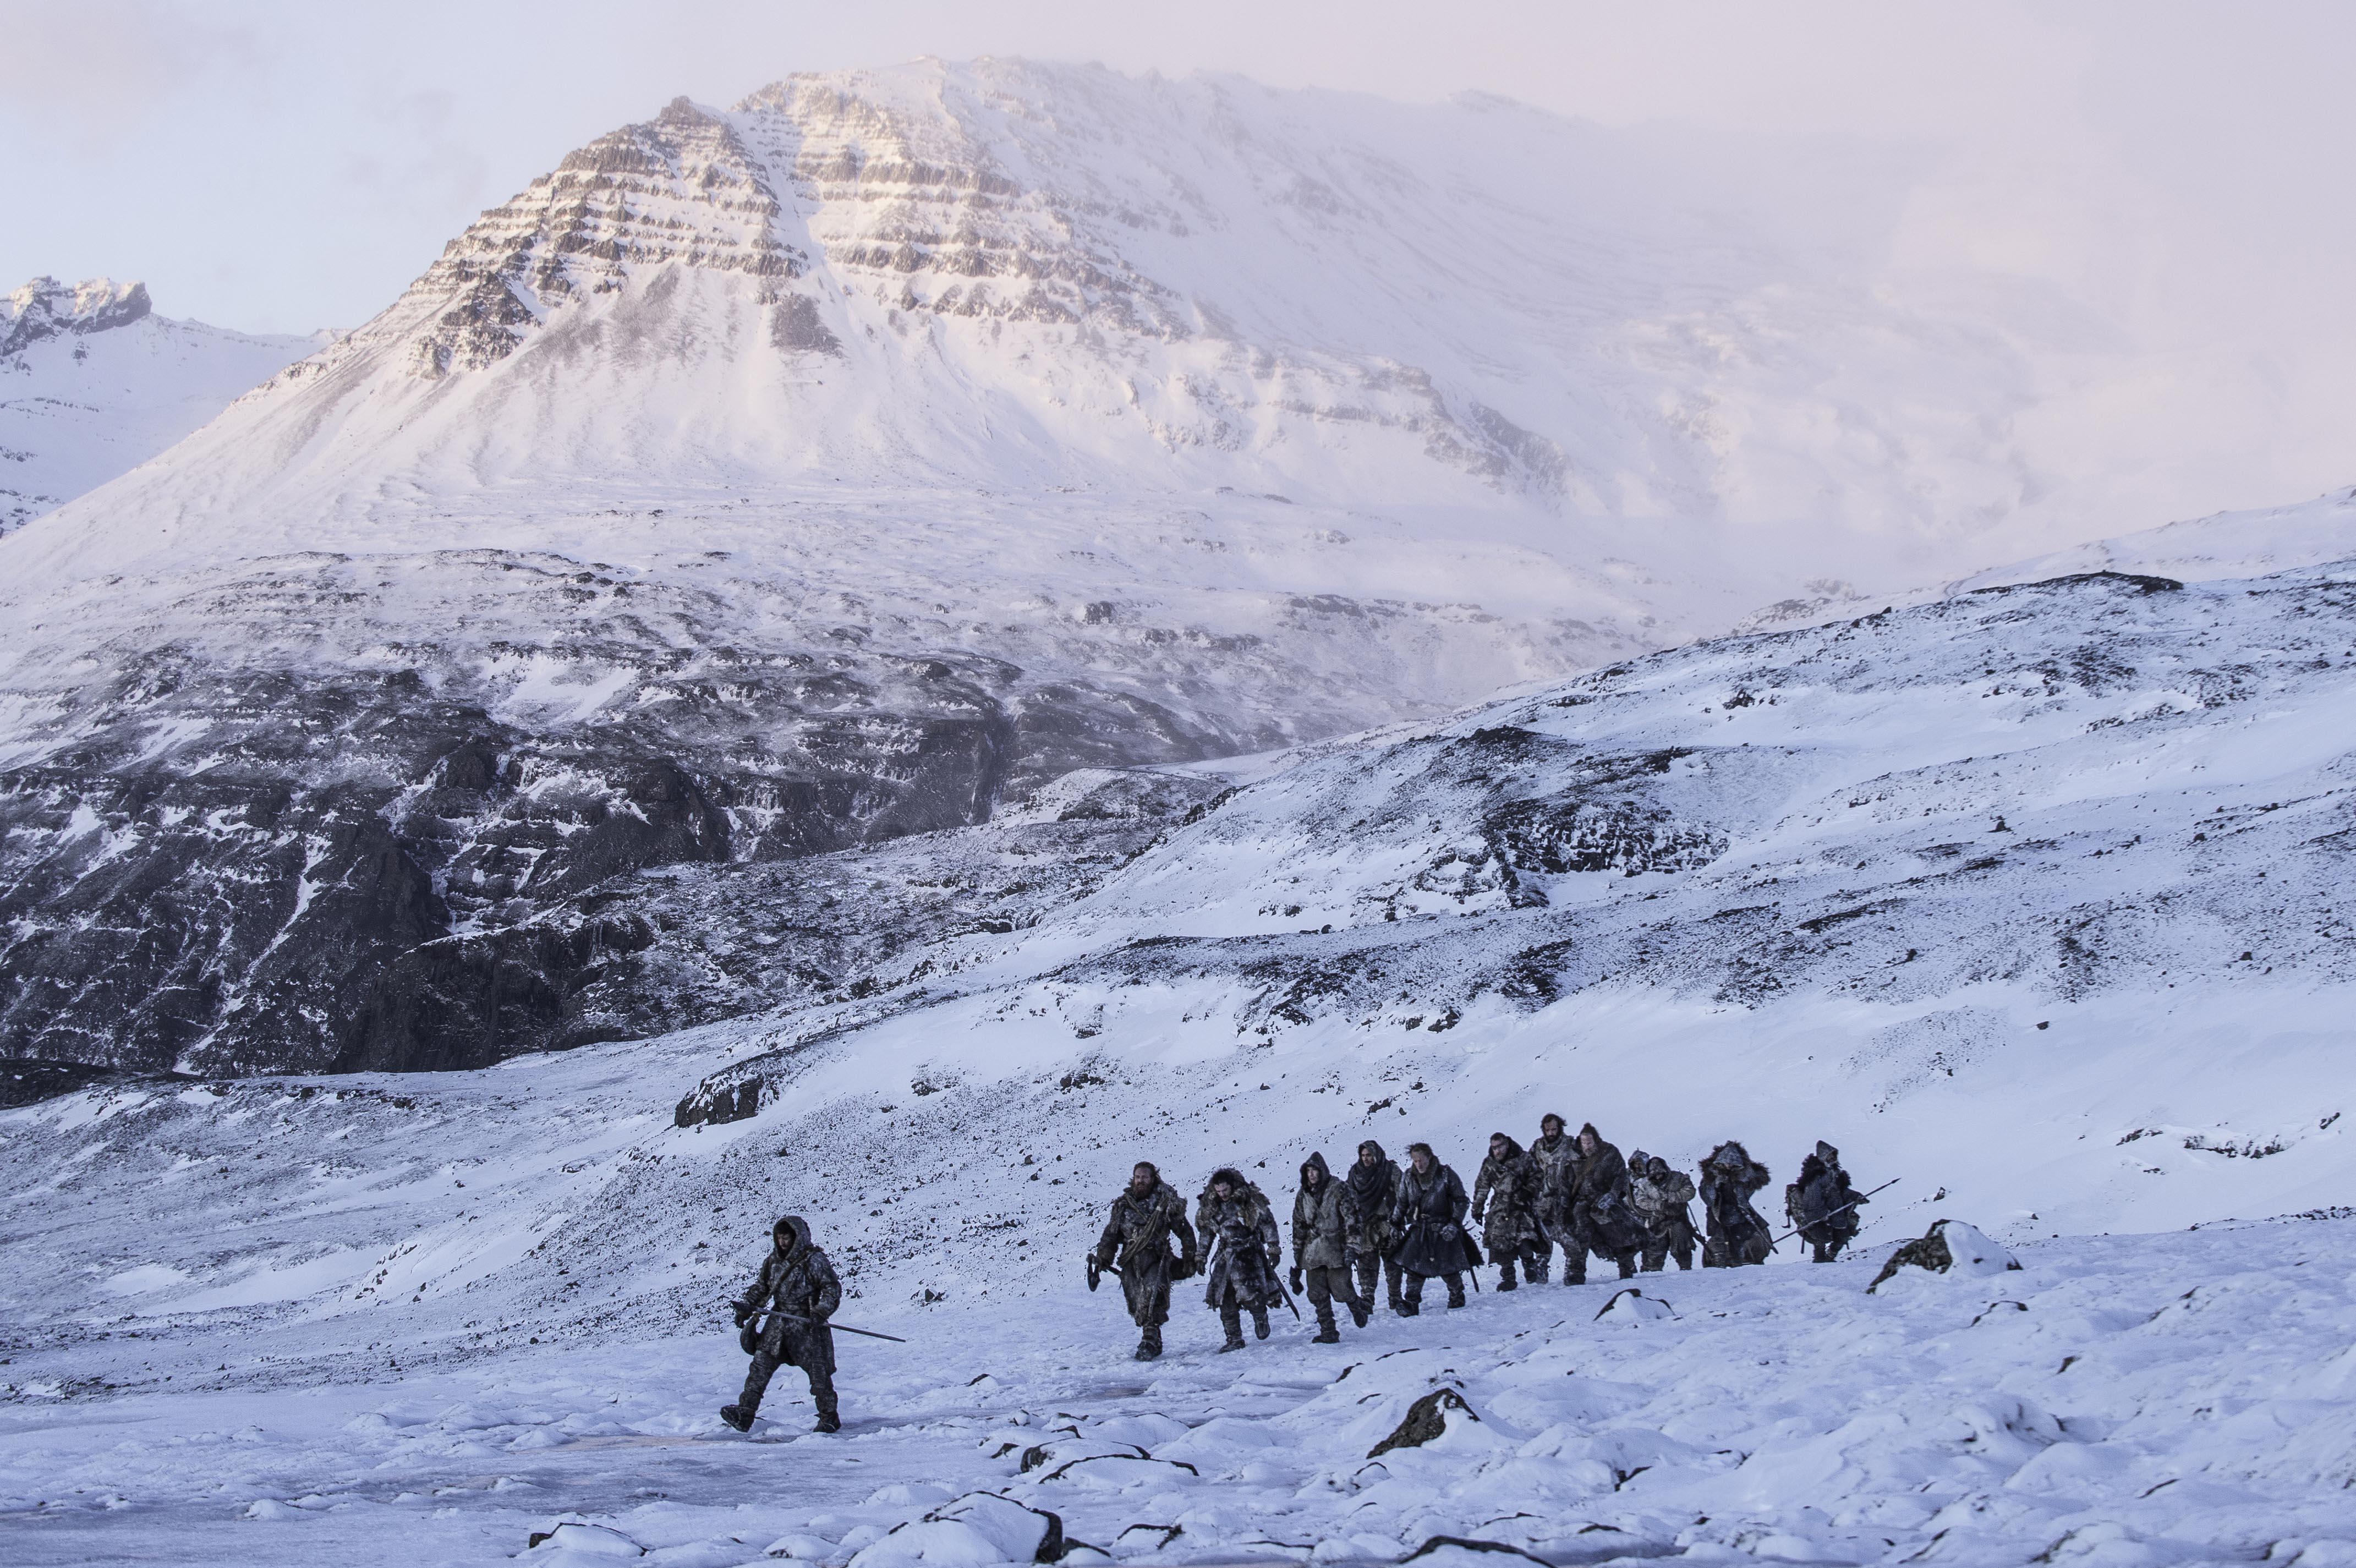 Wildlings Imagens Tormund Giantsbane In Beyond The Wall Hd